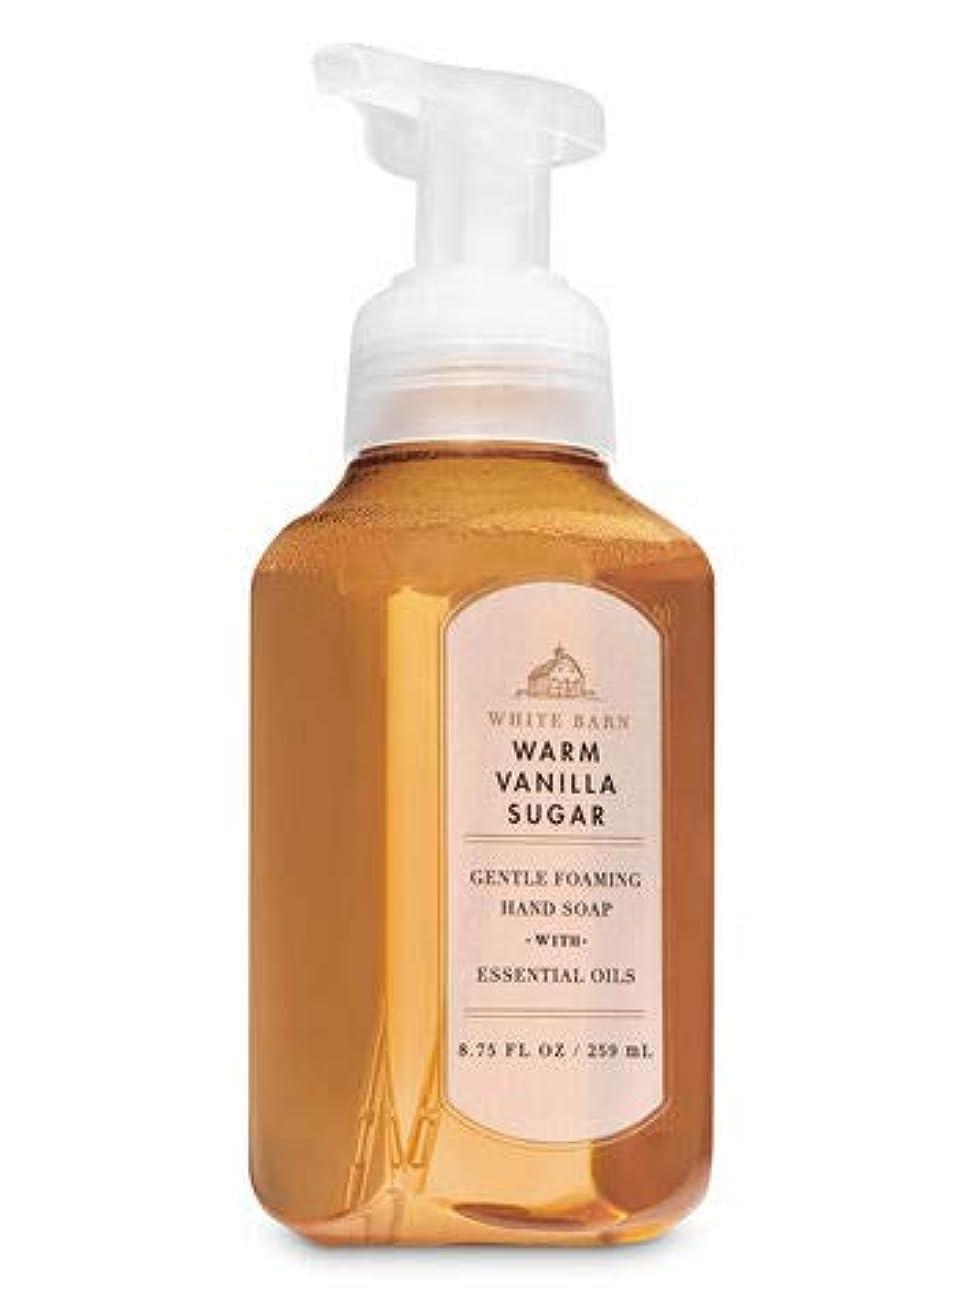 優勢統合命令的バス&ボディワークス ウォームバニラシュガー ジェントル フォーミング ハンドソープ Warm Vanilla Sugar Gentle Foaming Hand Soap [並行輸入品]